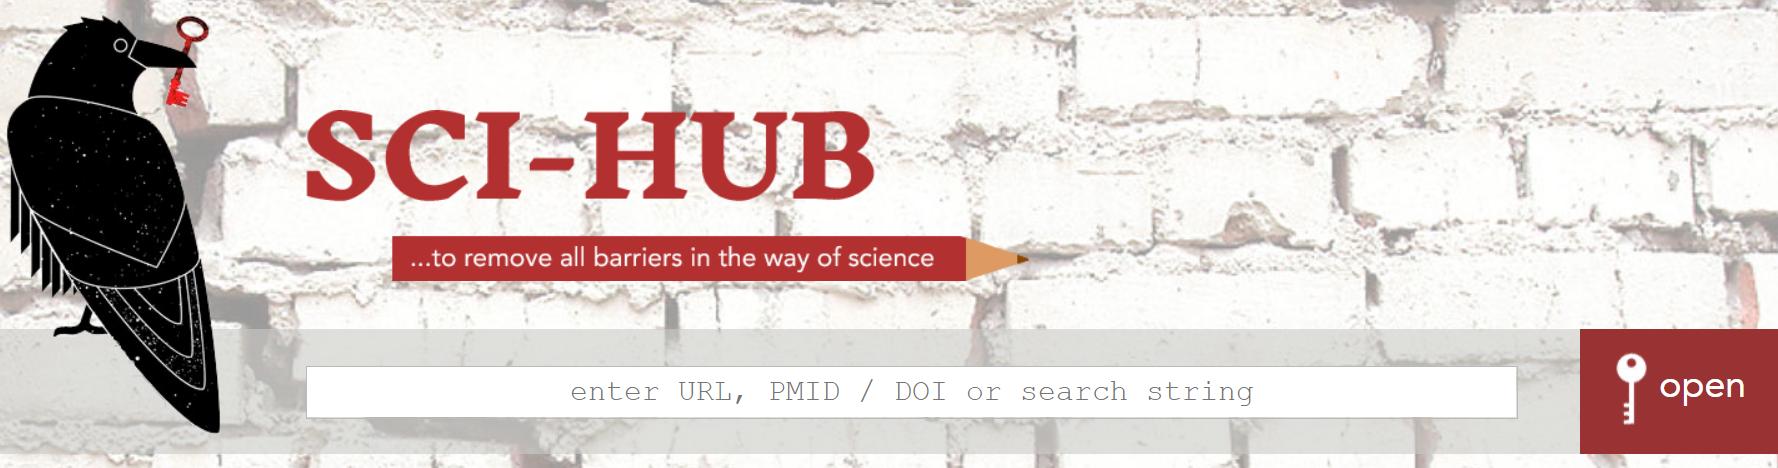 صفحه اول سایت Sci-Hub ، بهترین سایت برای پیدا کردن مقالات علمی